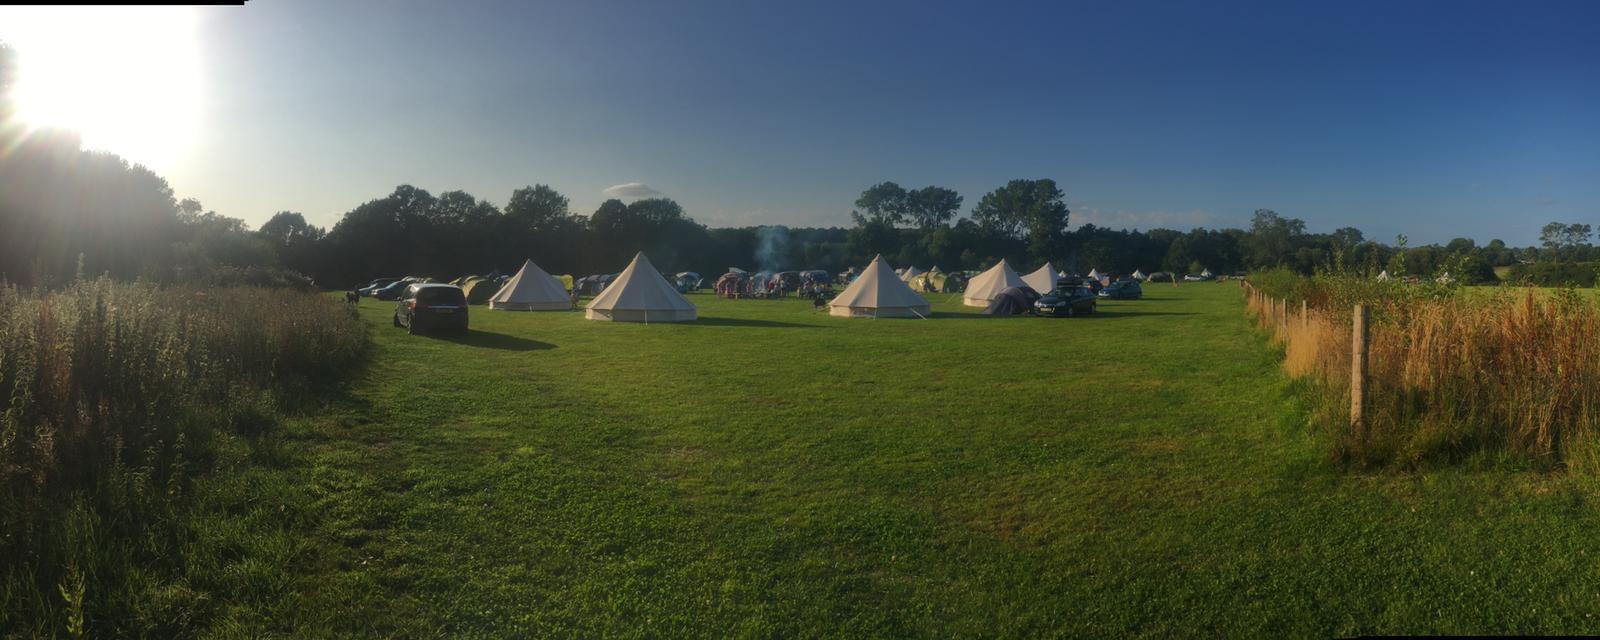 WOWO Campsite